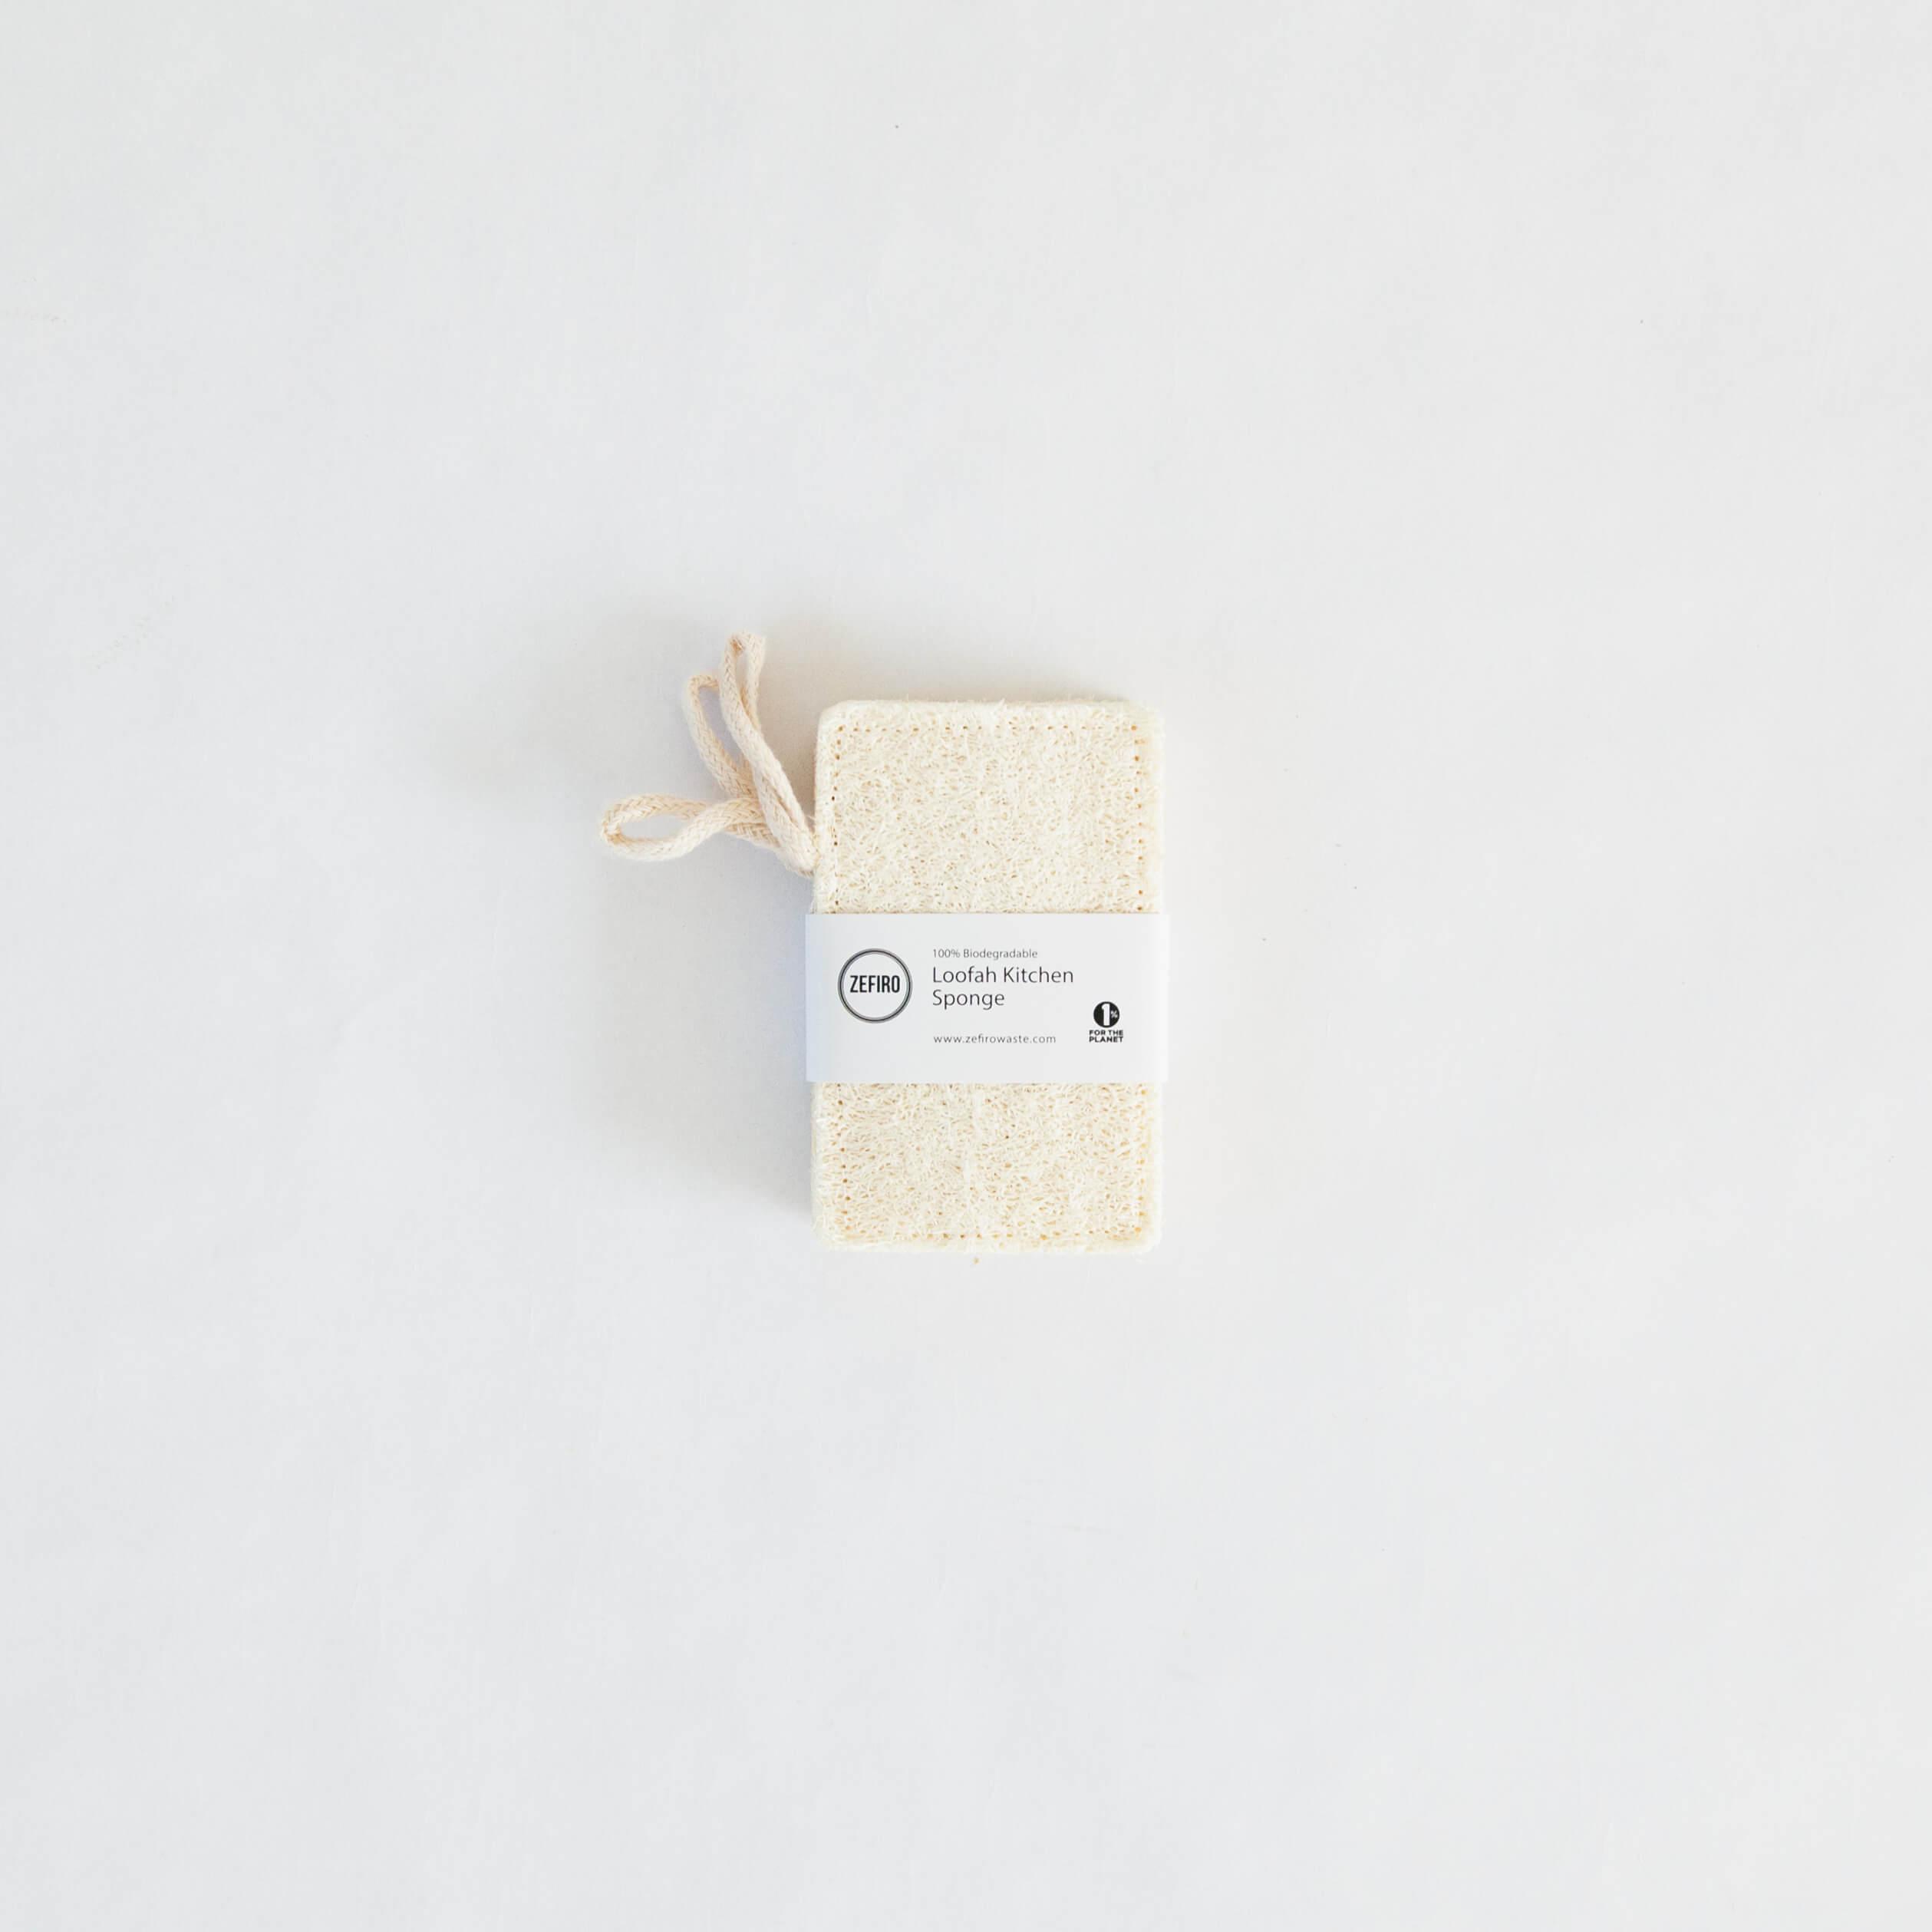 Loofah Kitchen Sponges